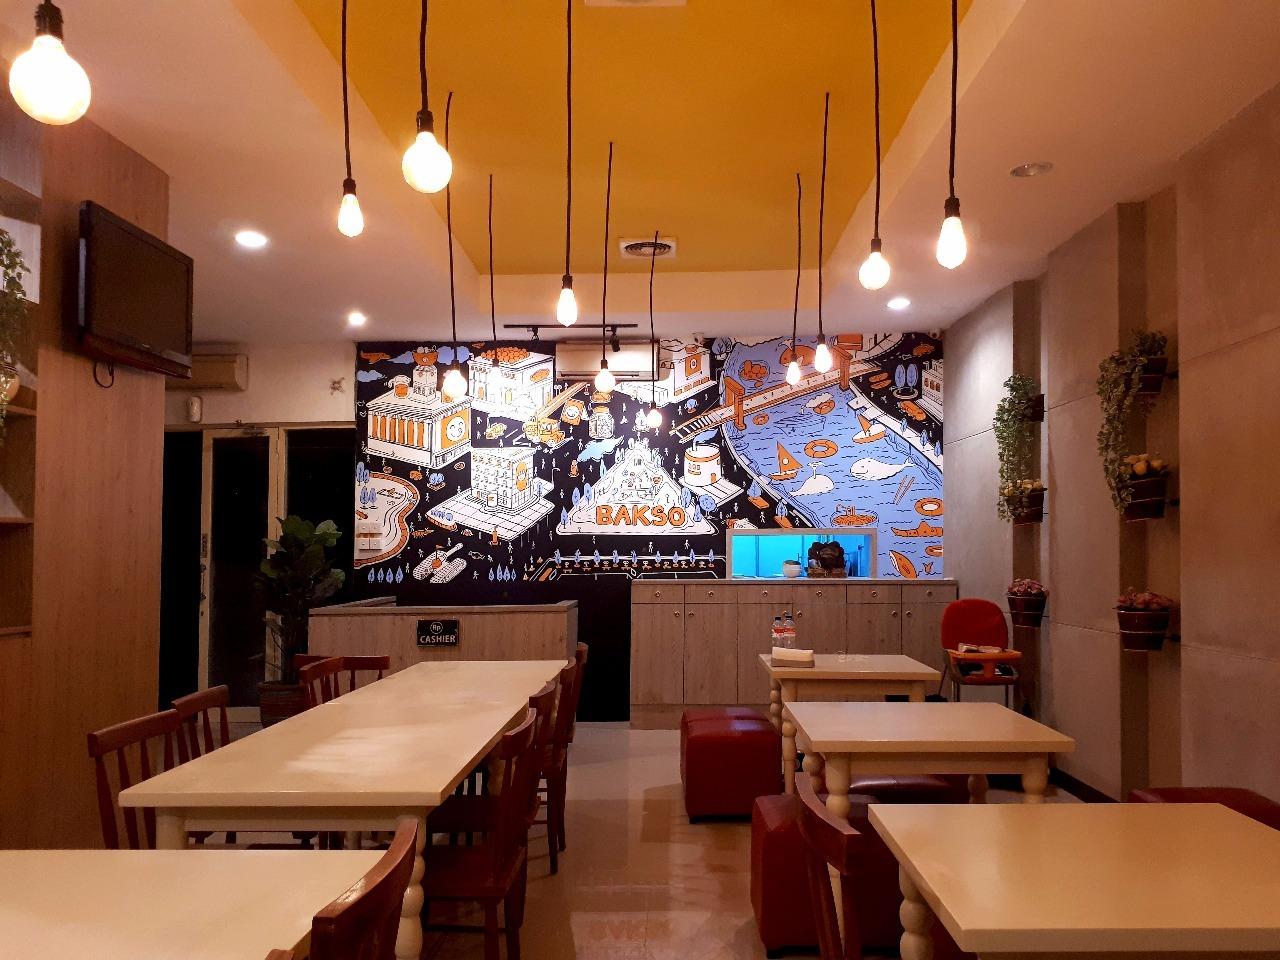 Jasa Mural Bali, Mural Cafe Doodle dan Mural Realis Yang Mengagumkan